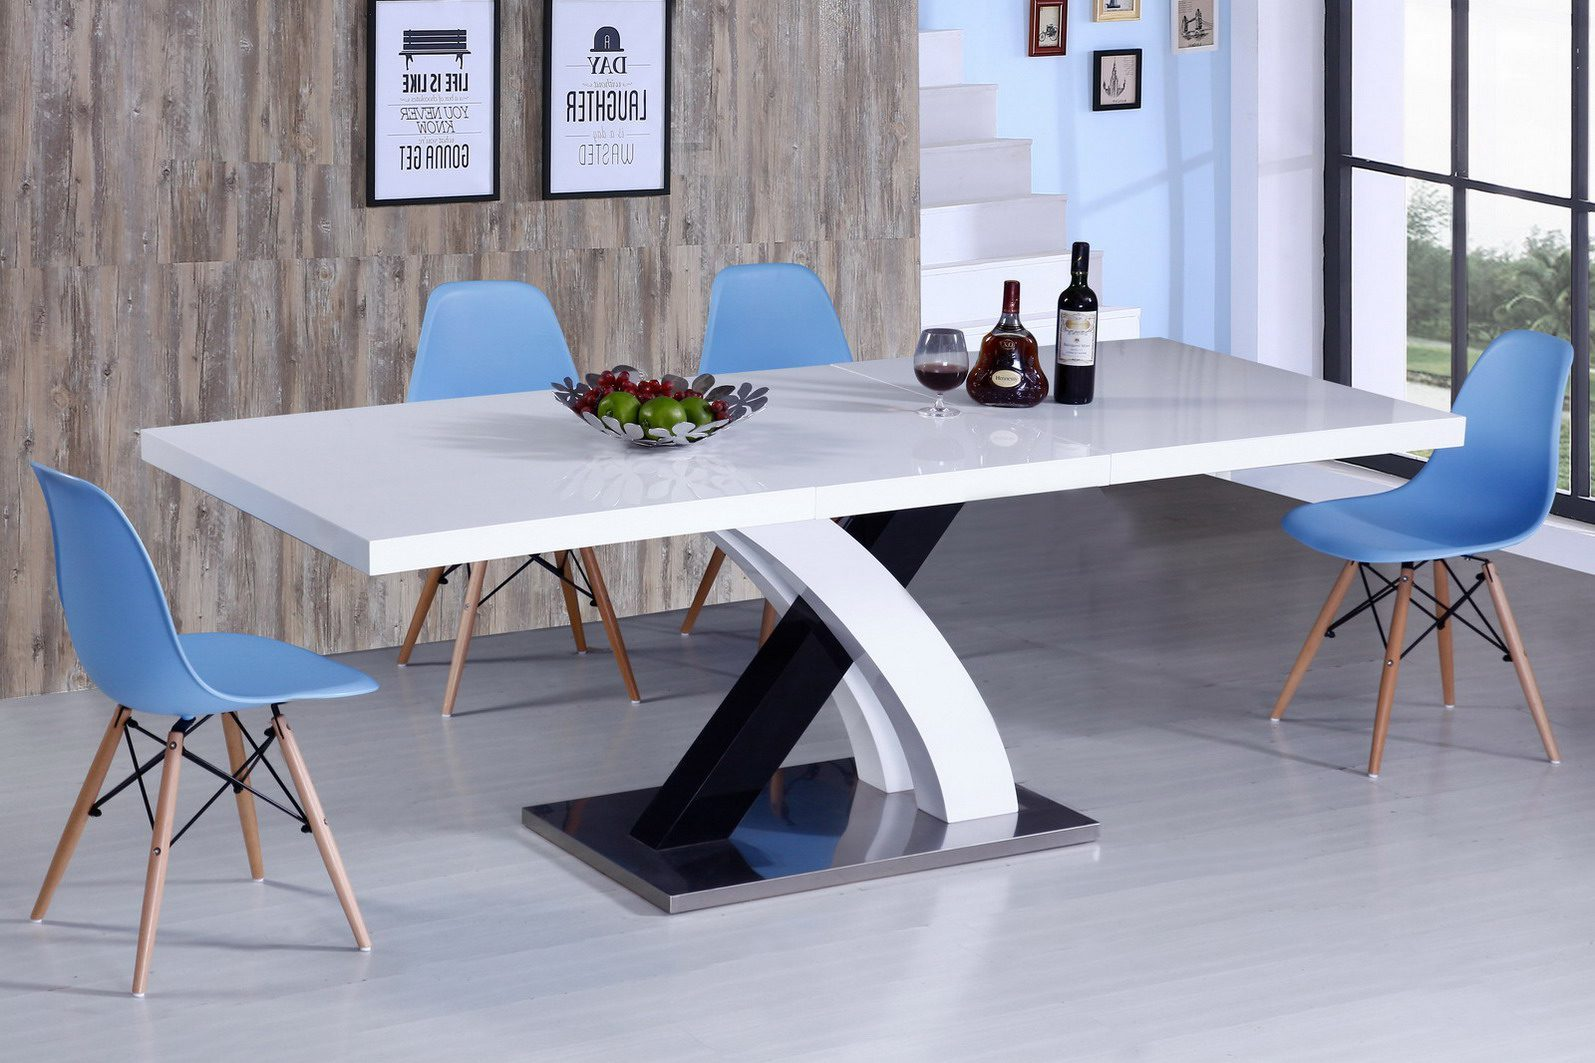 Стол ESF LT75 белый, стулья ESF 971 голубой